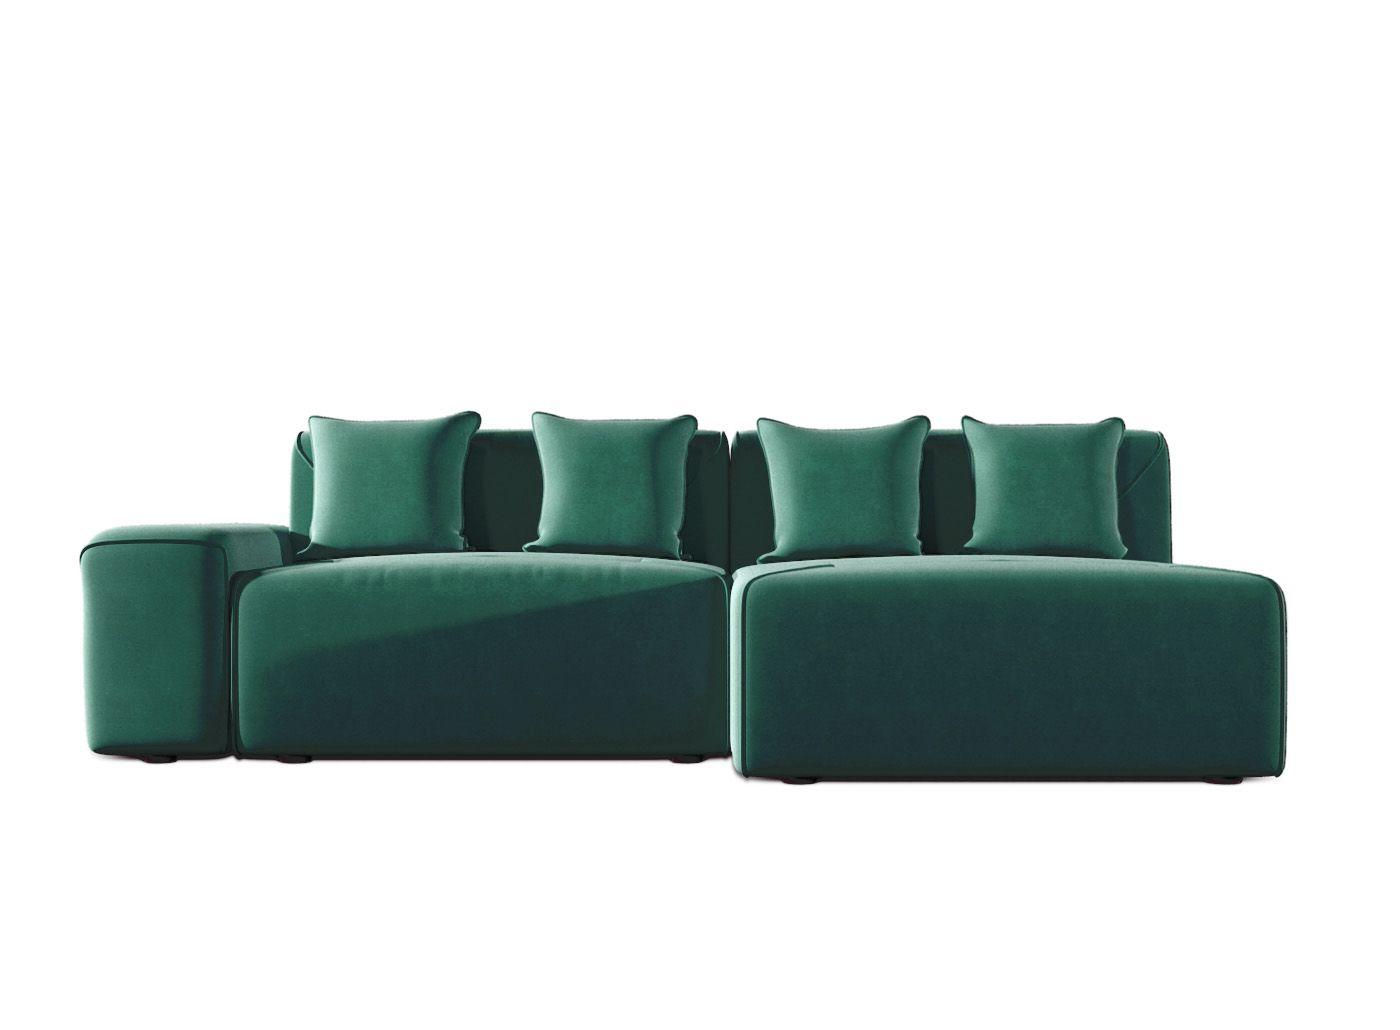 Kare диван-кровать relax зеленый 142236/2